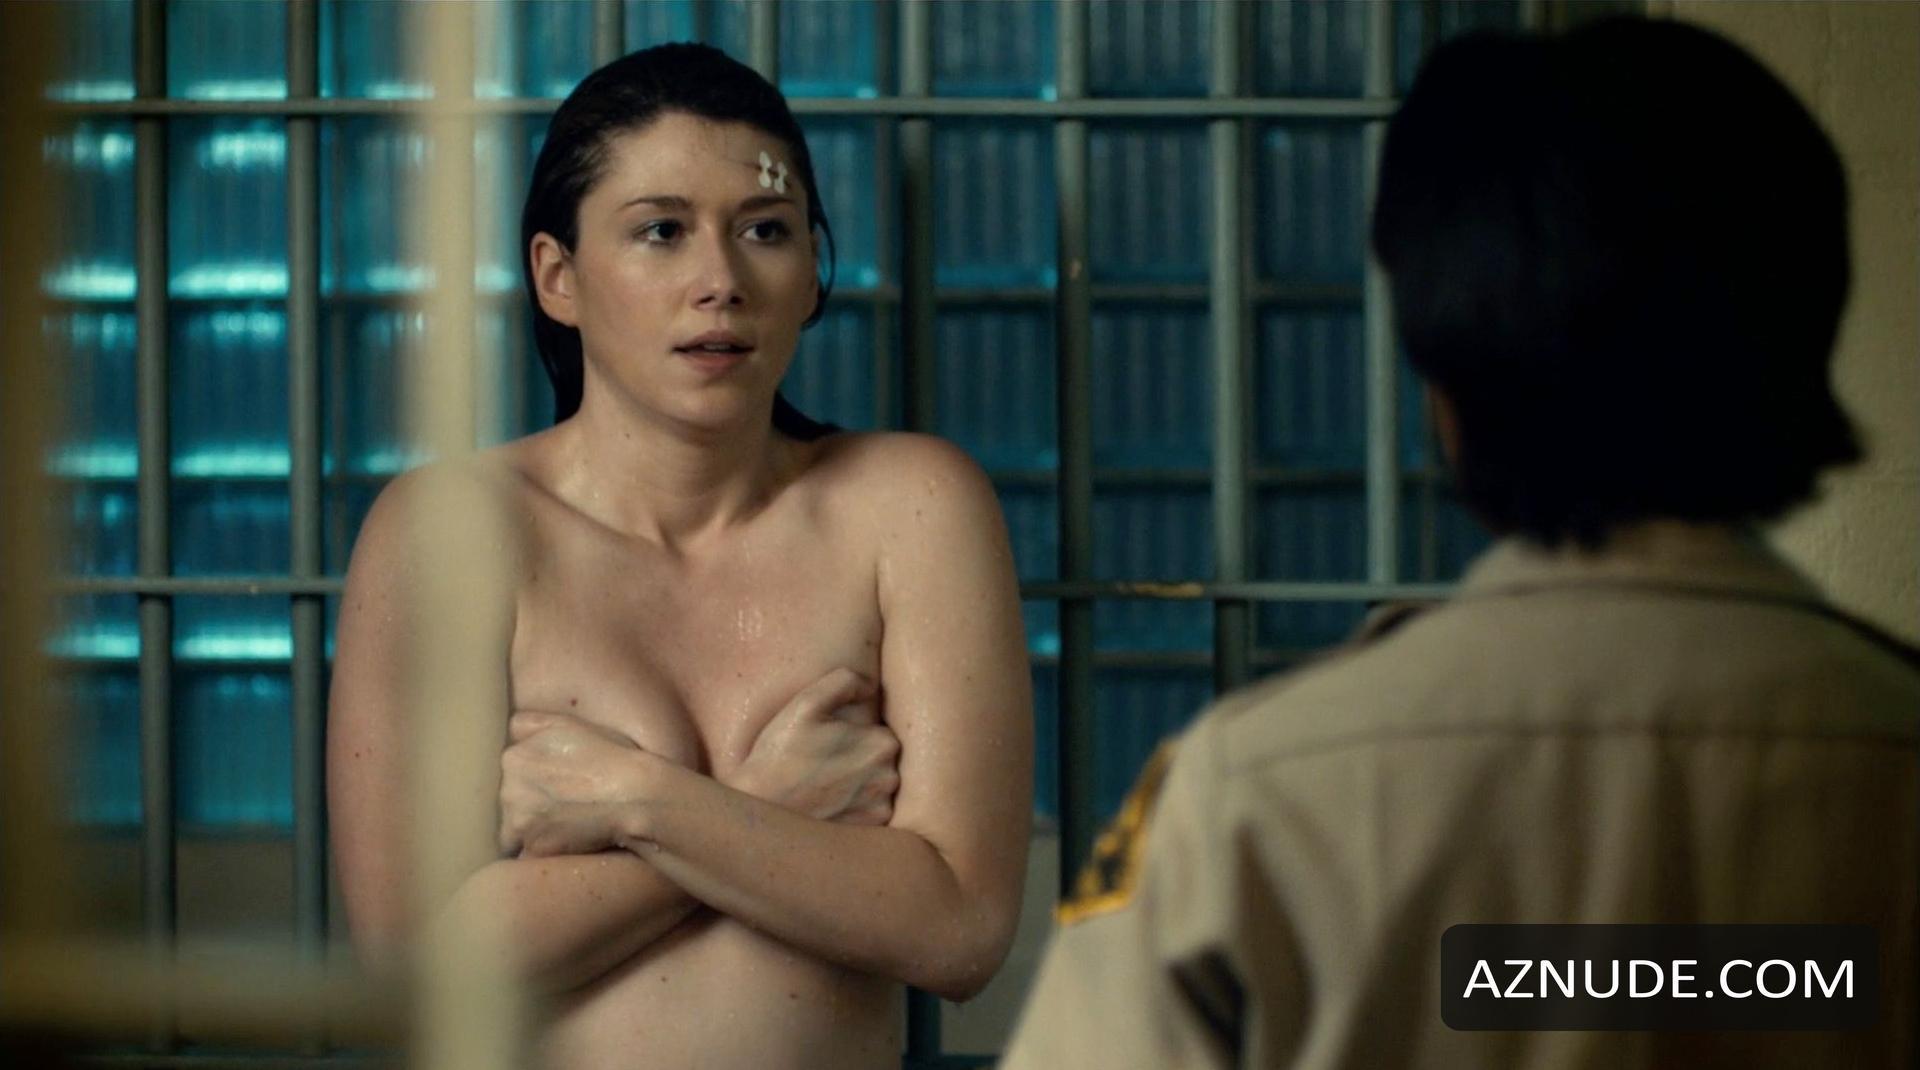 Jewel Staite Sex Scenes photo 5